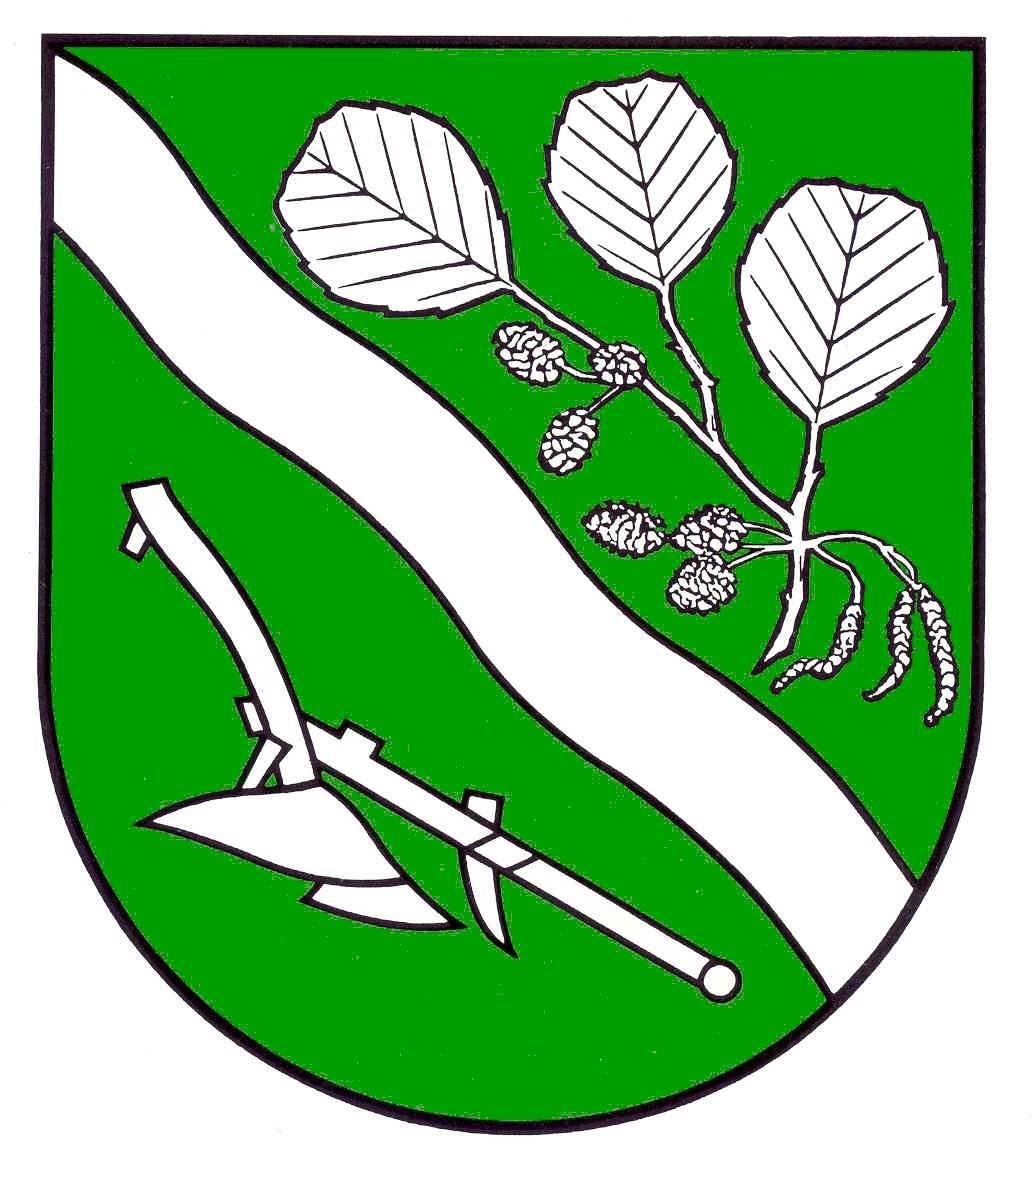 Wappen GemeindeEllerhoop, Kreis Pinneberg